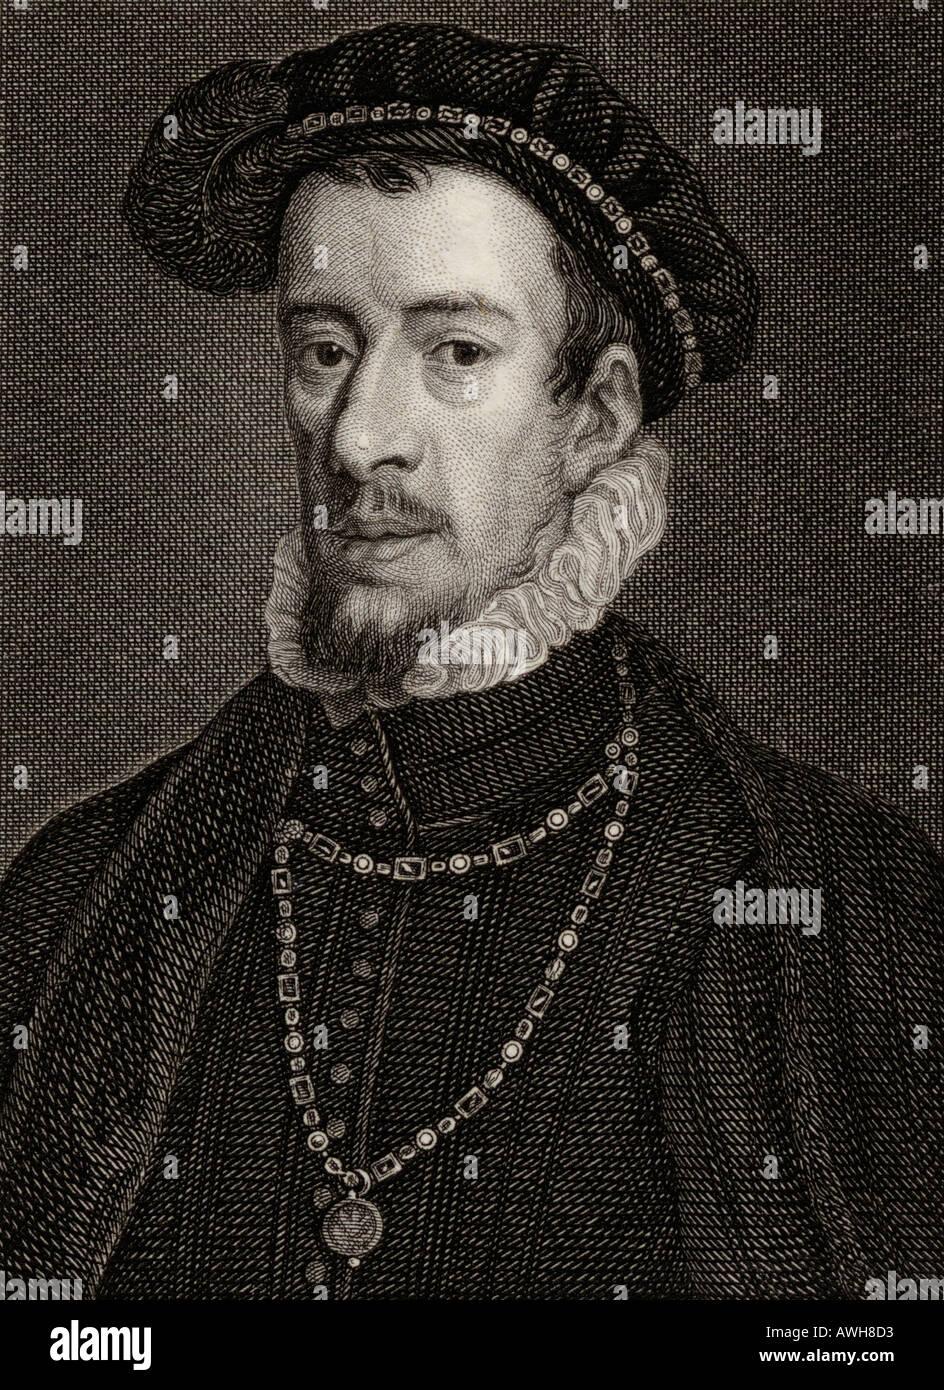 current duke of norfolk